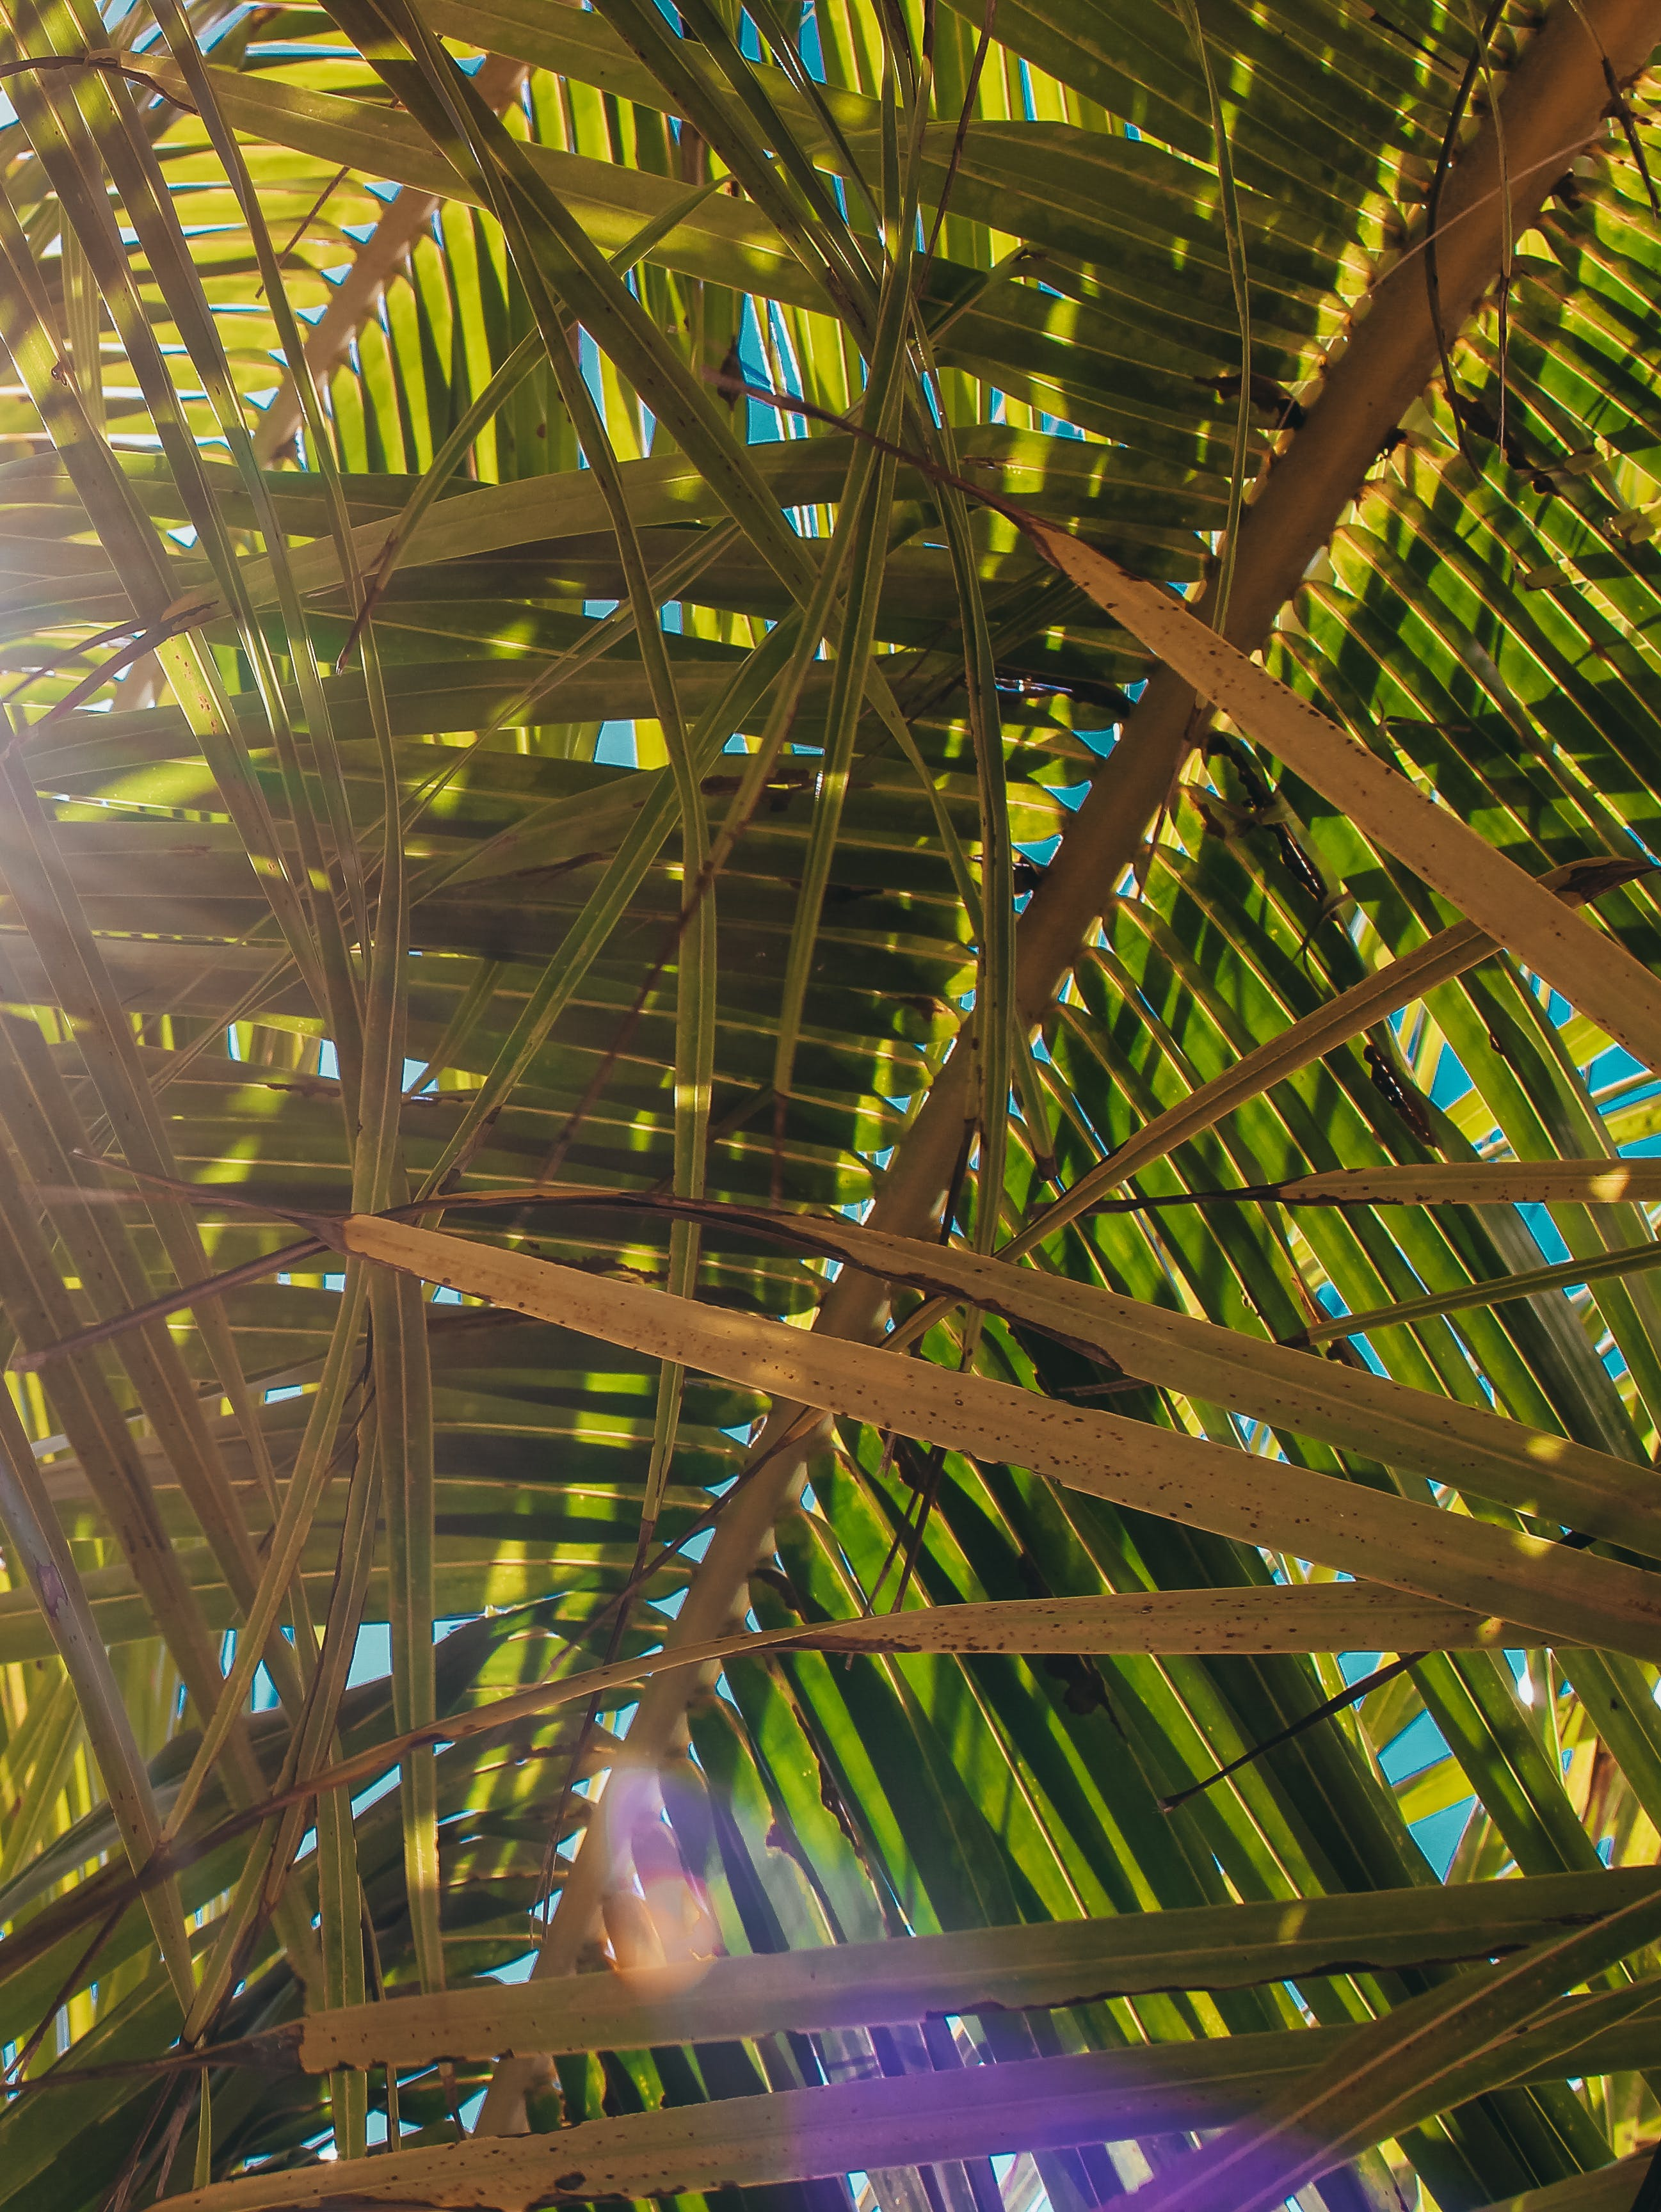 가벼운, 녹색, 디자인, 마른 잎의 무료 스톡 사진